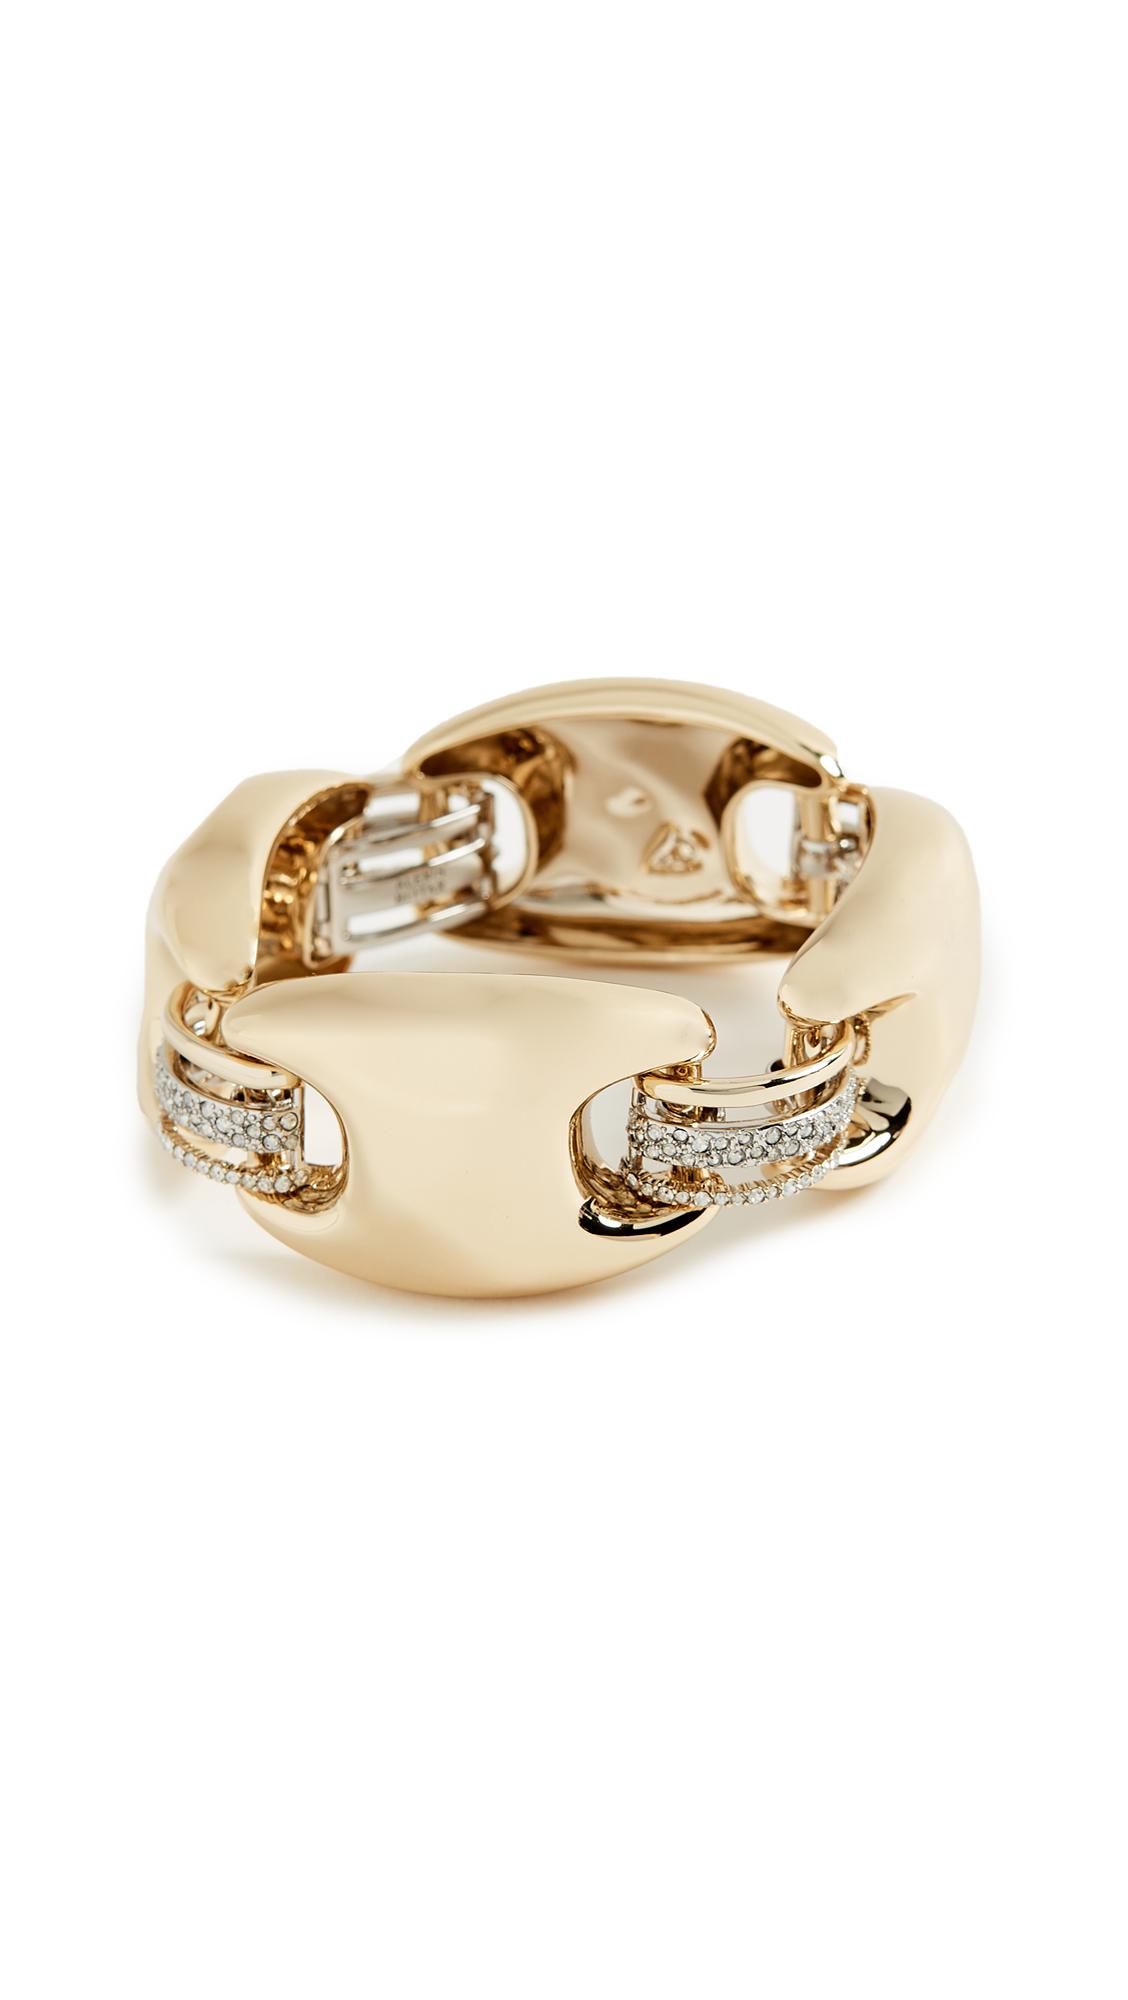 Alexis Bittar Asymmetrical Bracelet - Gold/Ruthenium